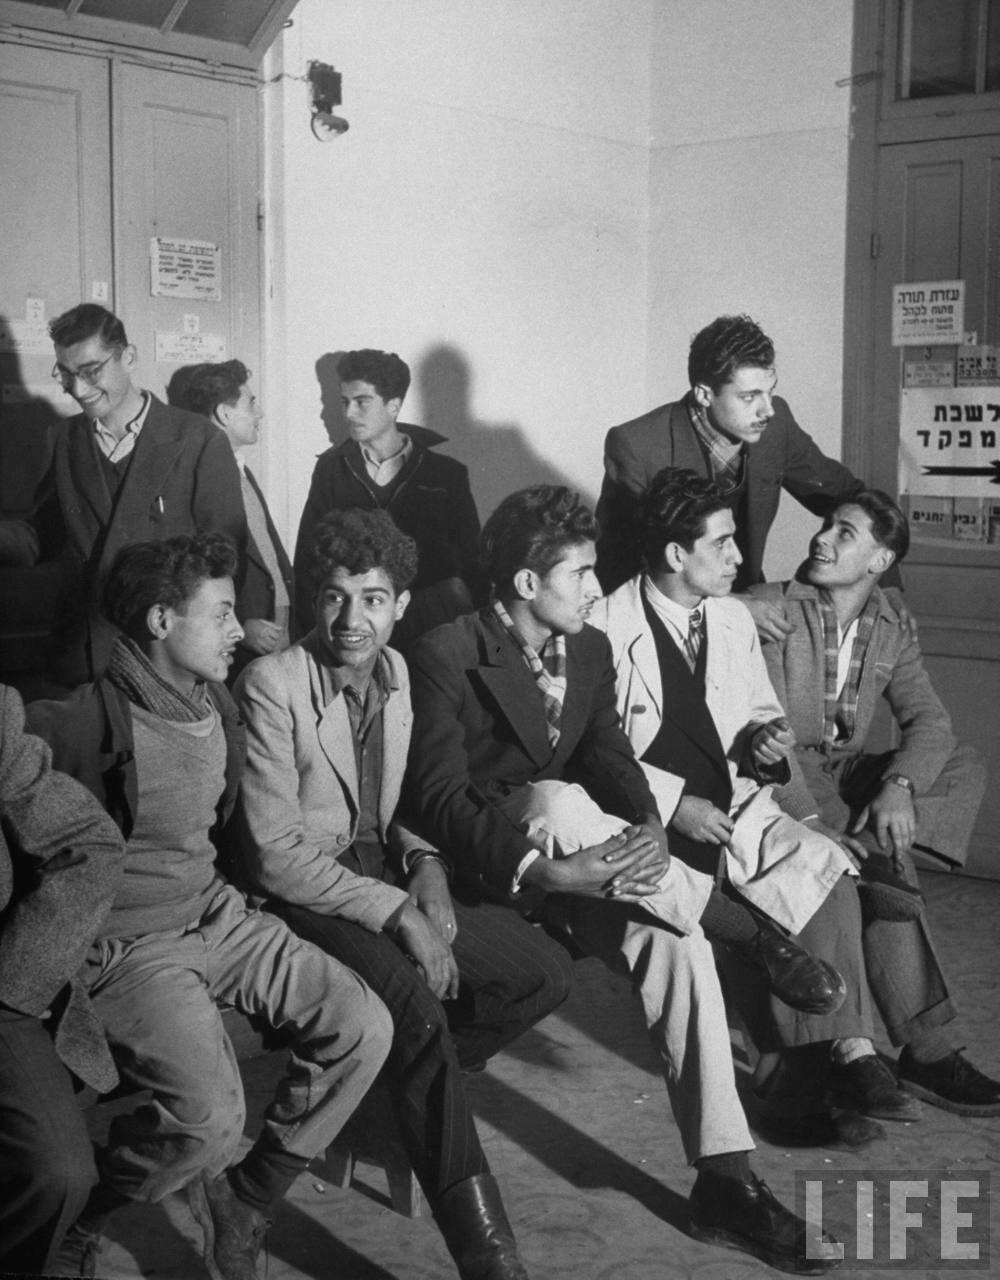 1948. Мальчики в Тель-Авиве на призывном пункте